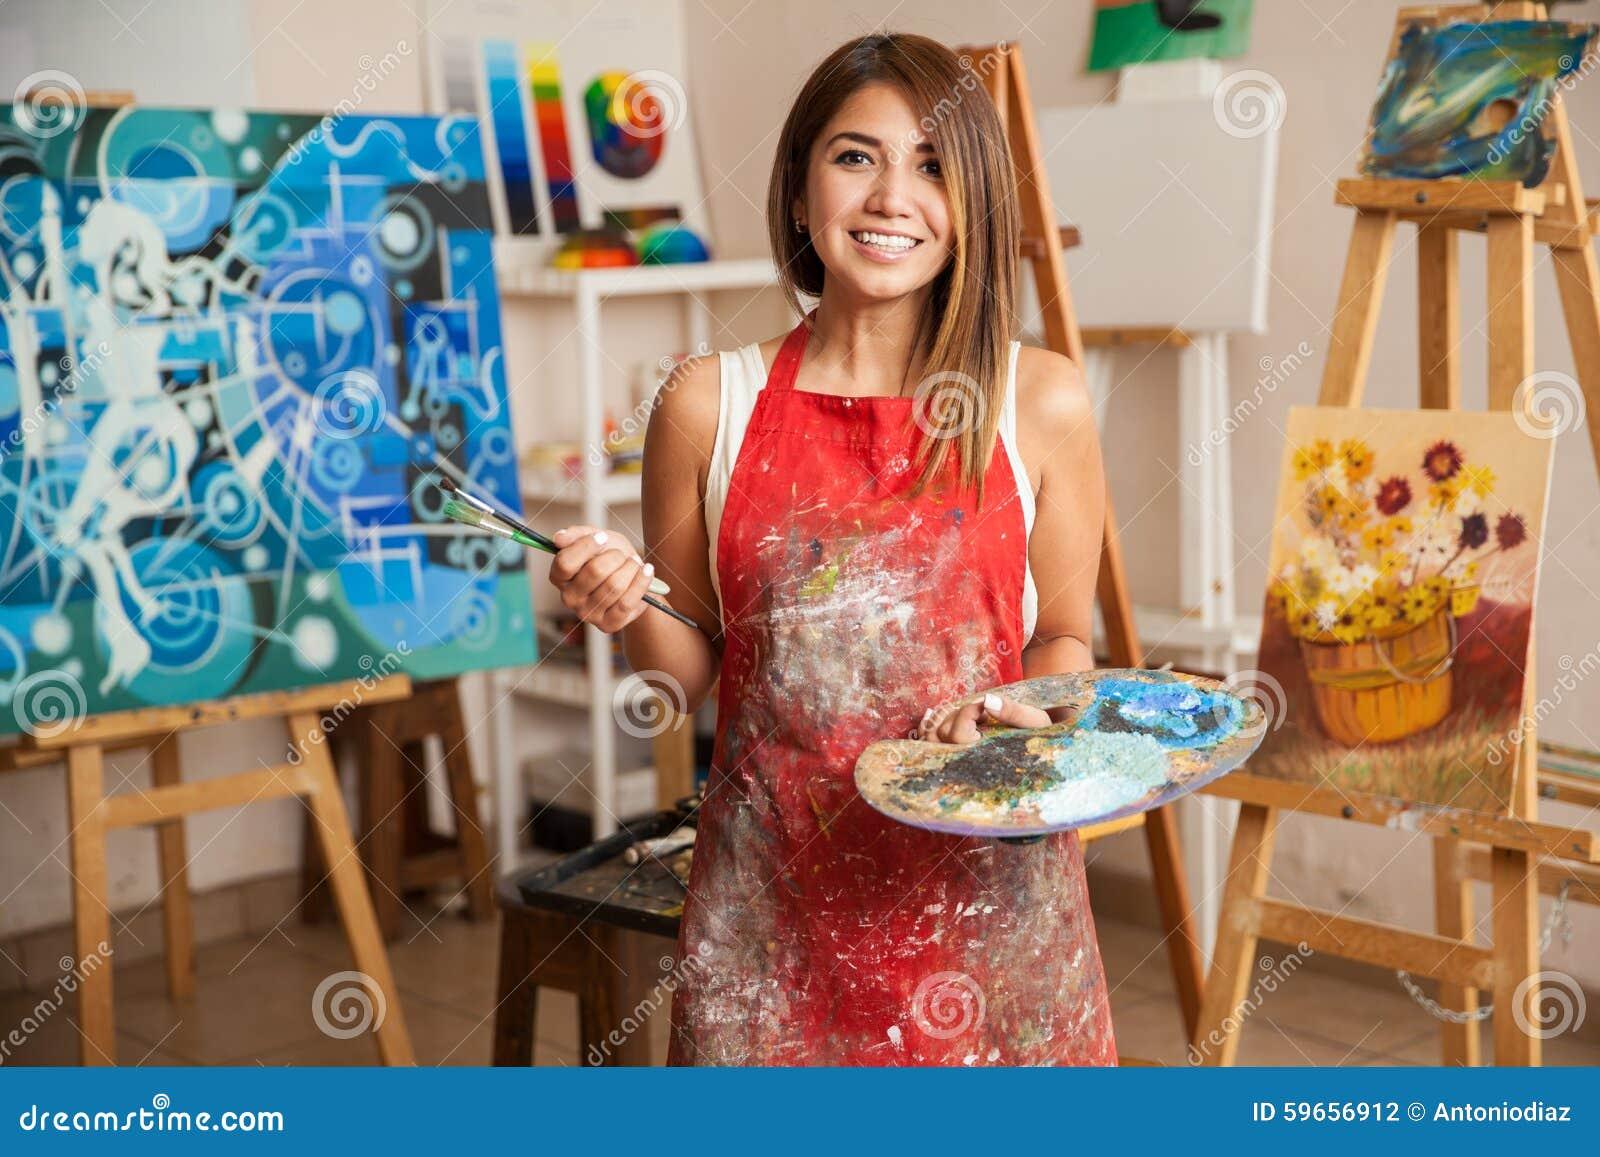 Beautiful female artist in her studio stock photo image for A beautiful you at vesuvio salon studios